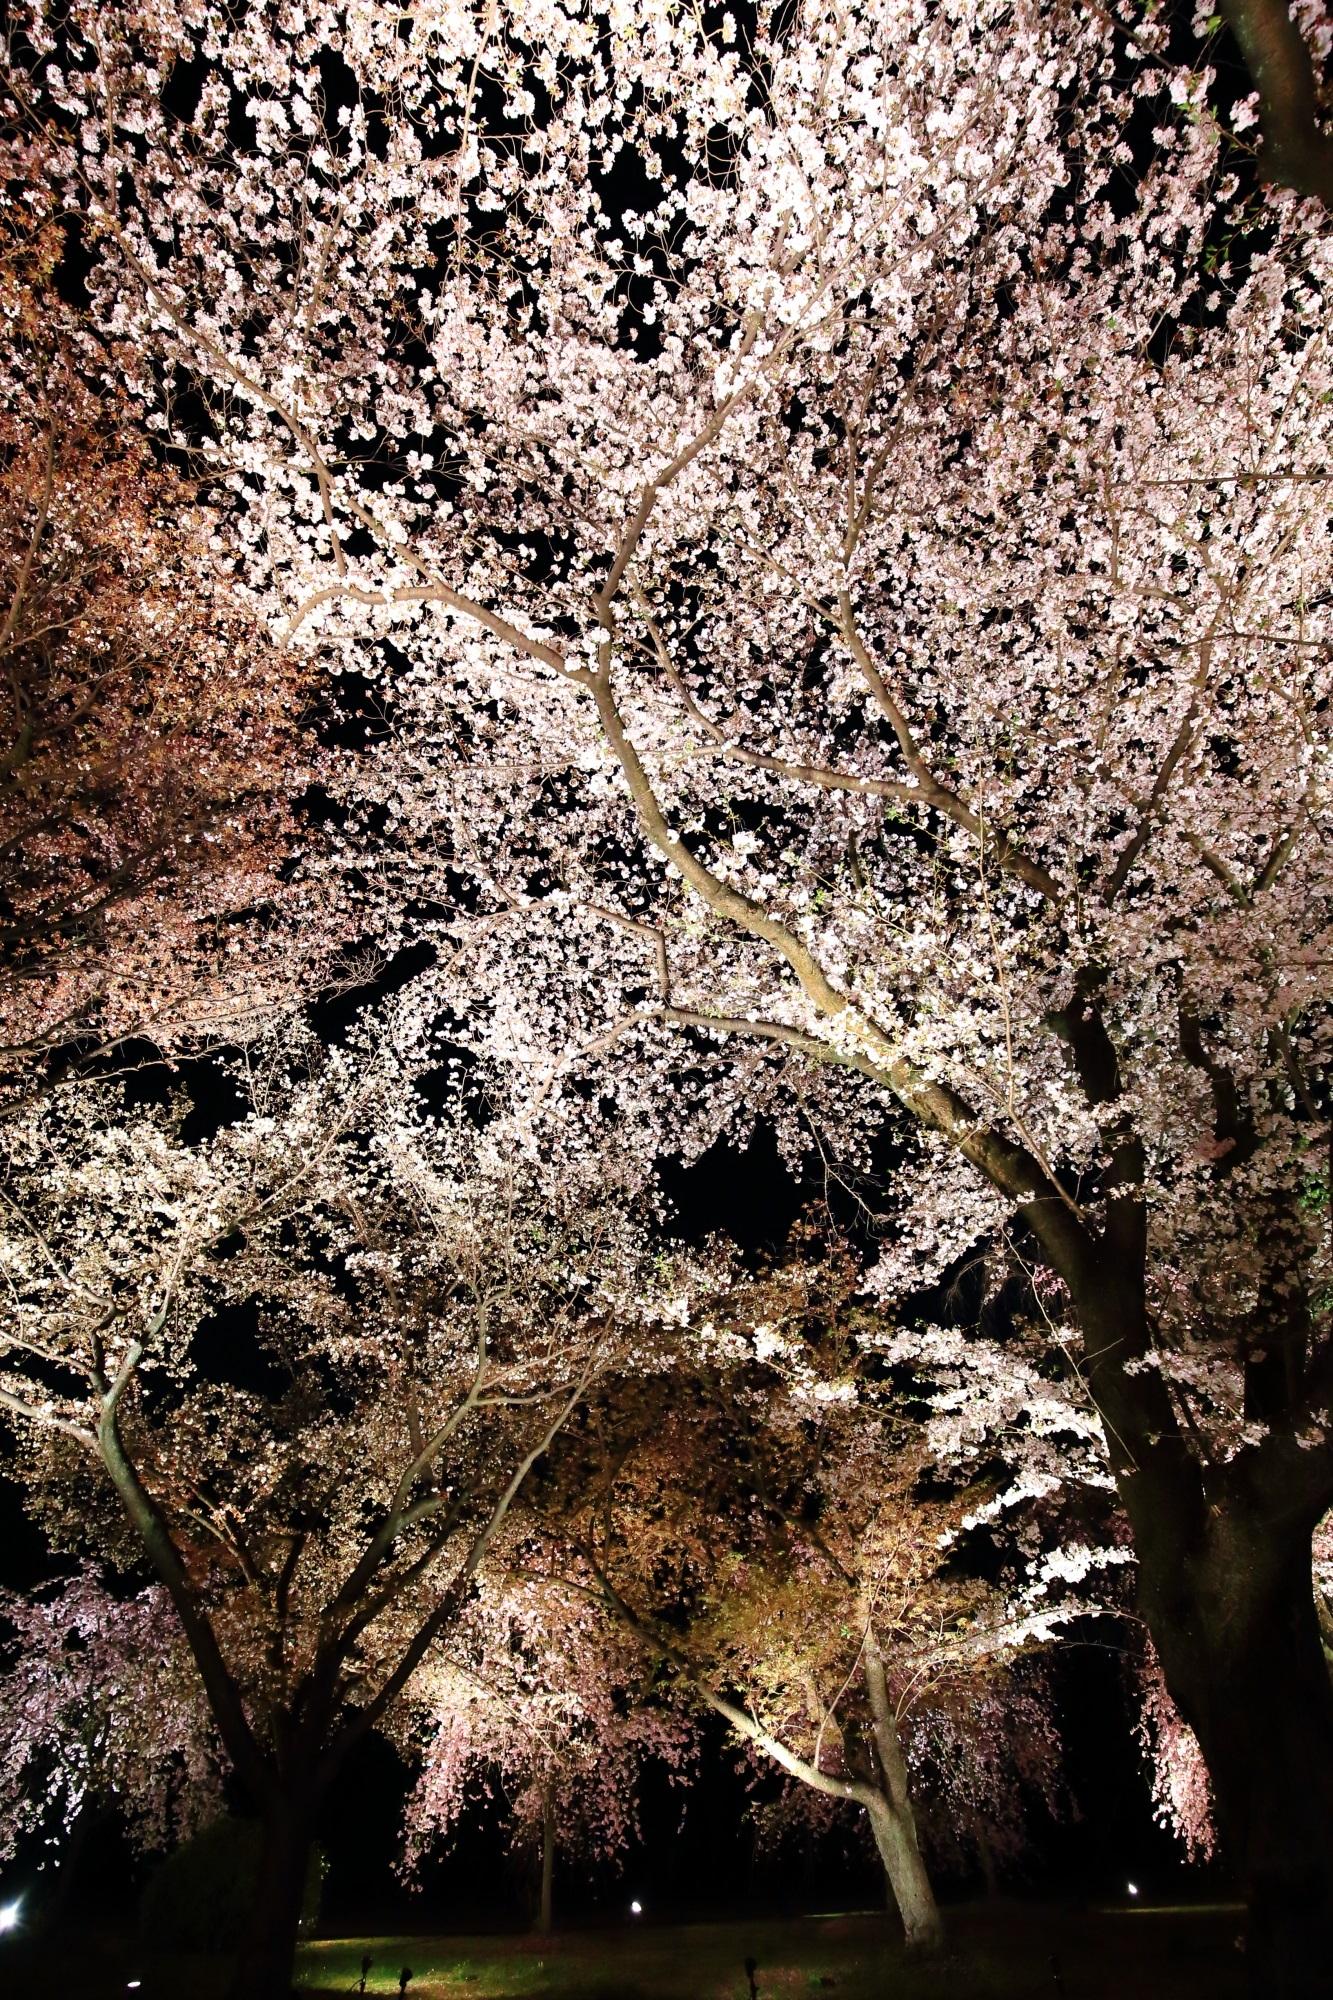 二条城の素晴らしい夜桜ライトアップと春の情景に感謝